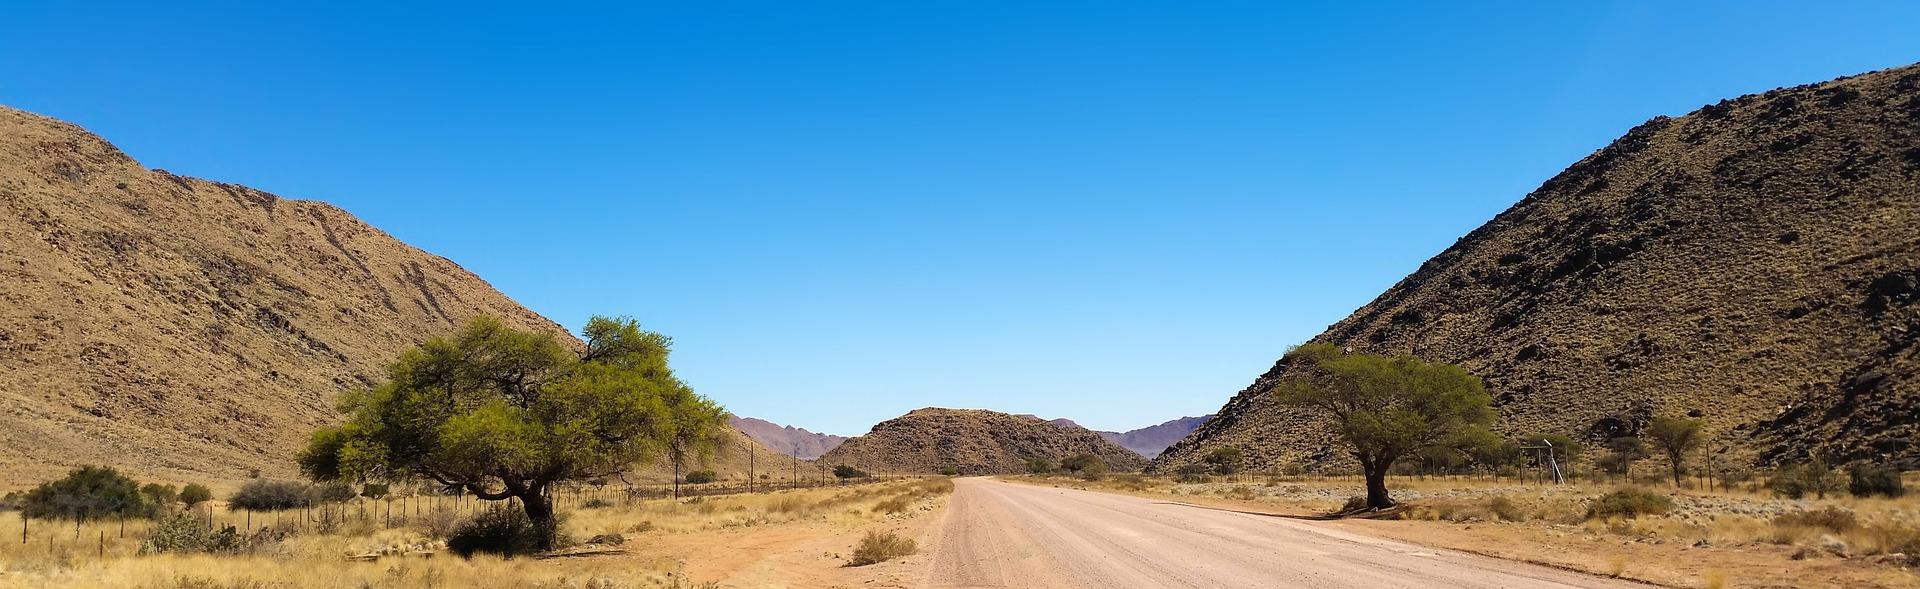 Namibia Landschaft